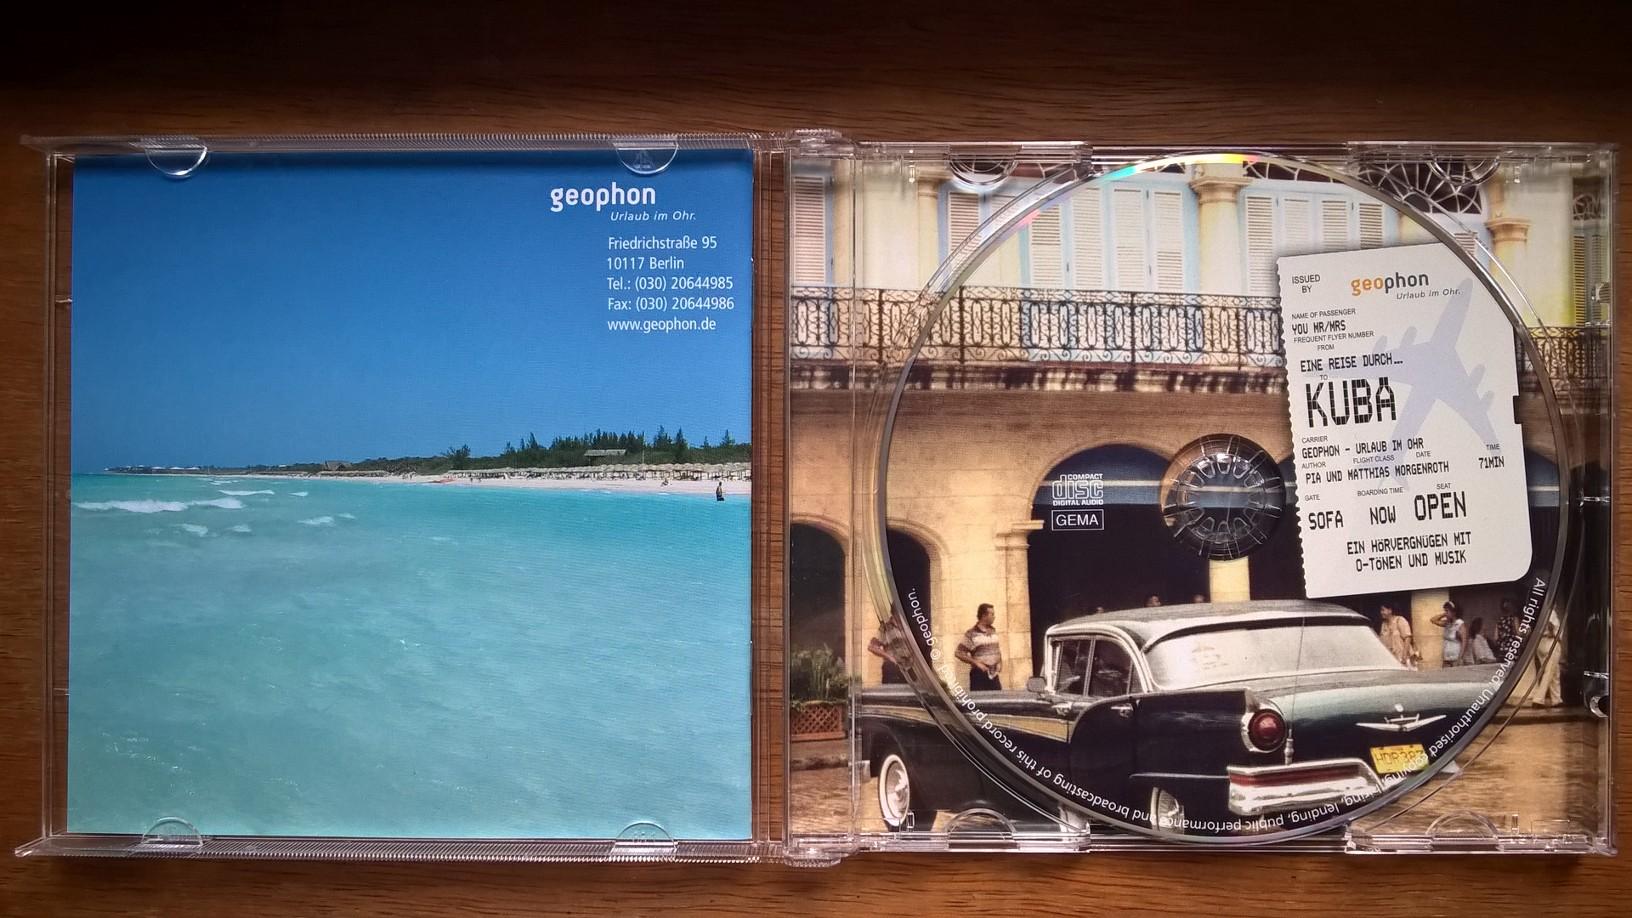 Foto: Innenansicht der CD